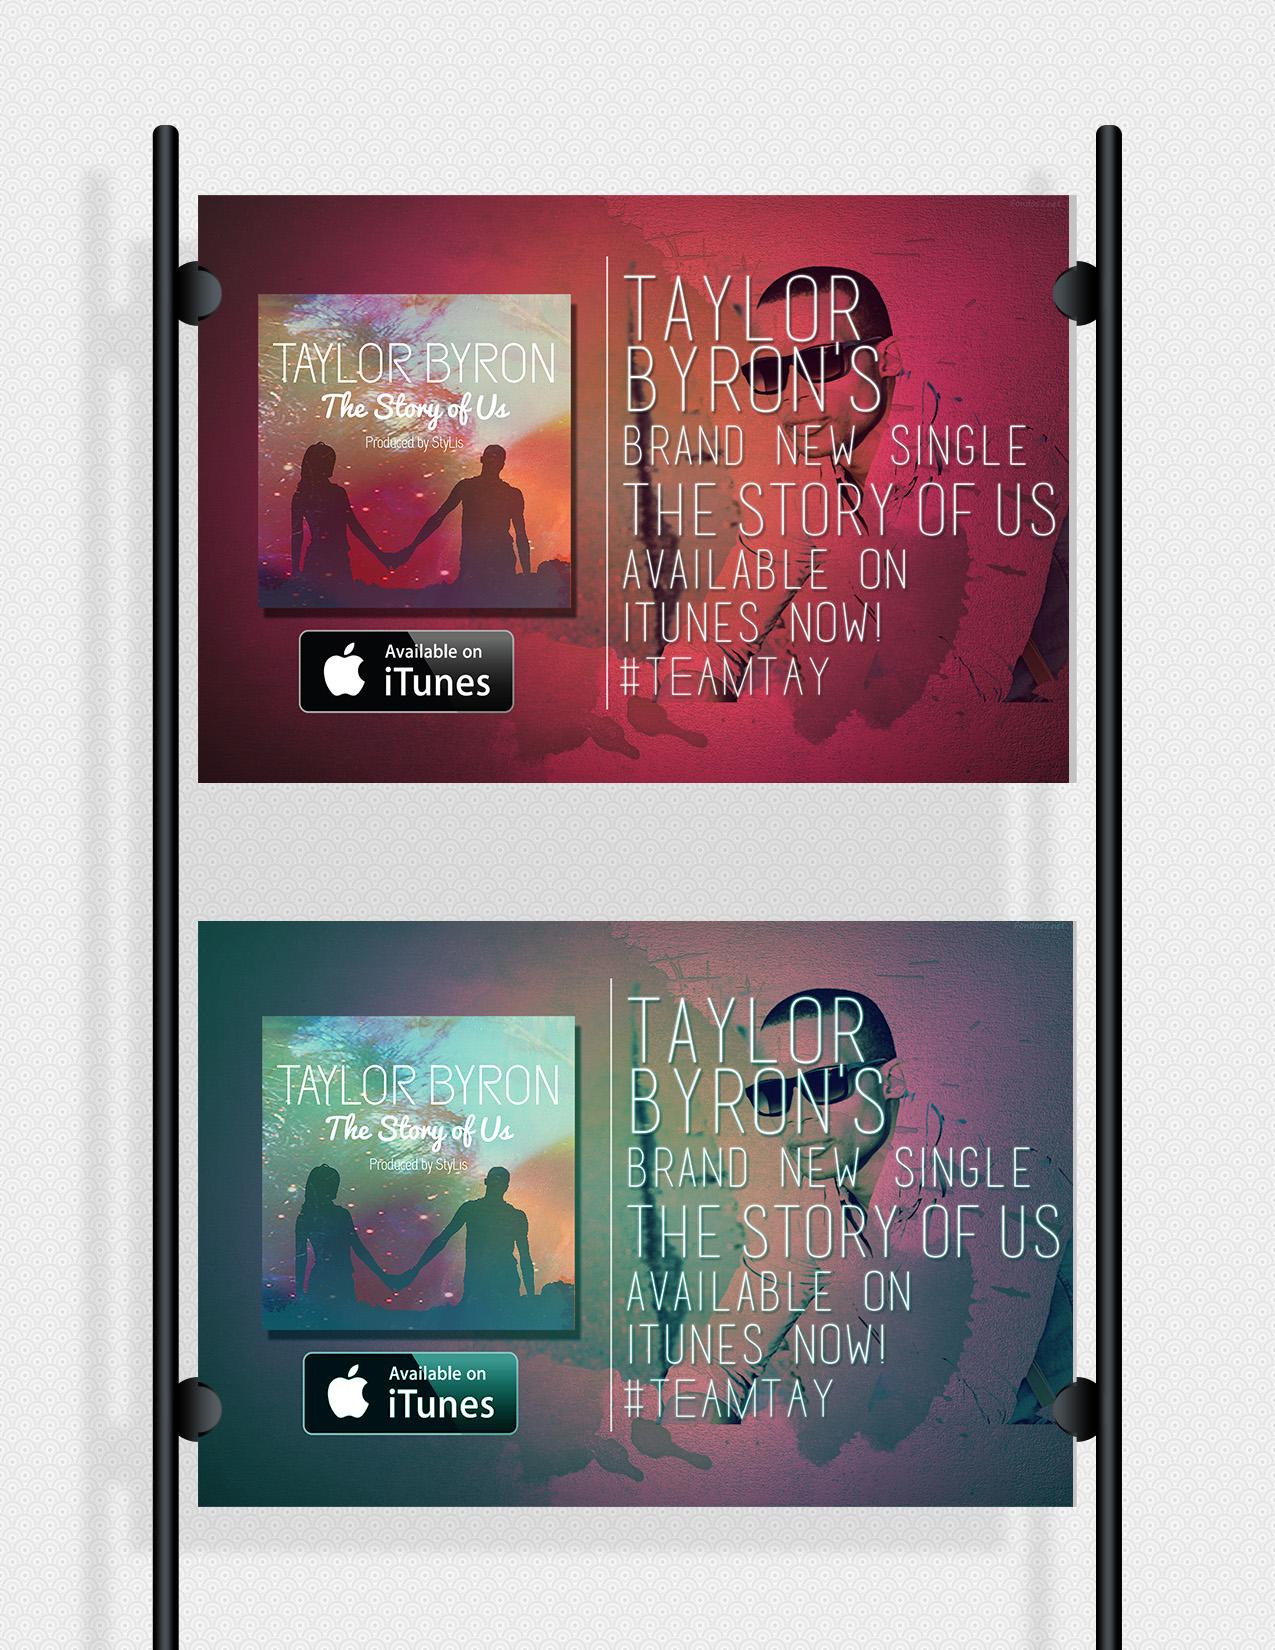 iTunes P2